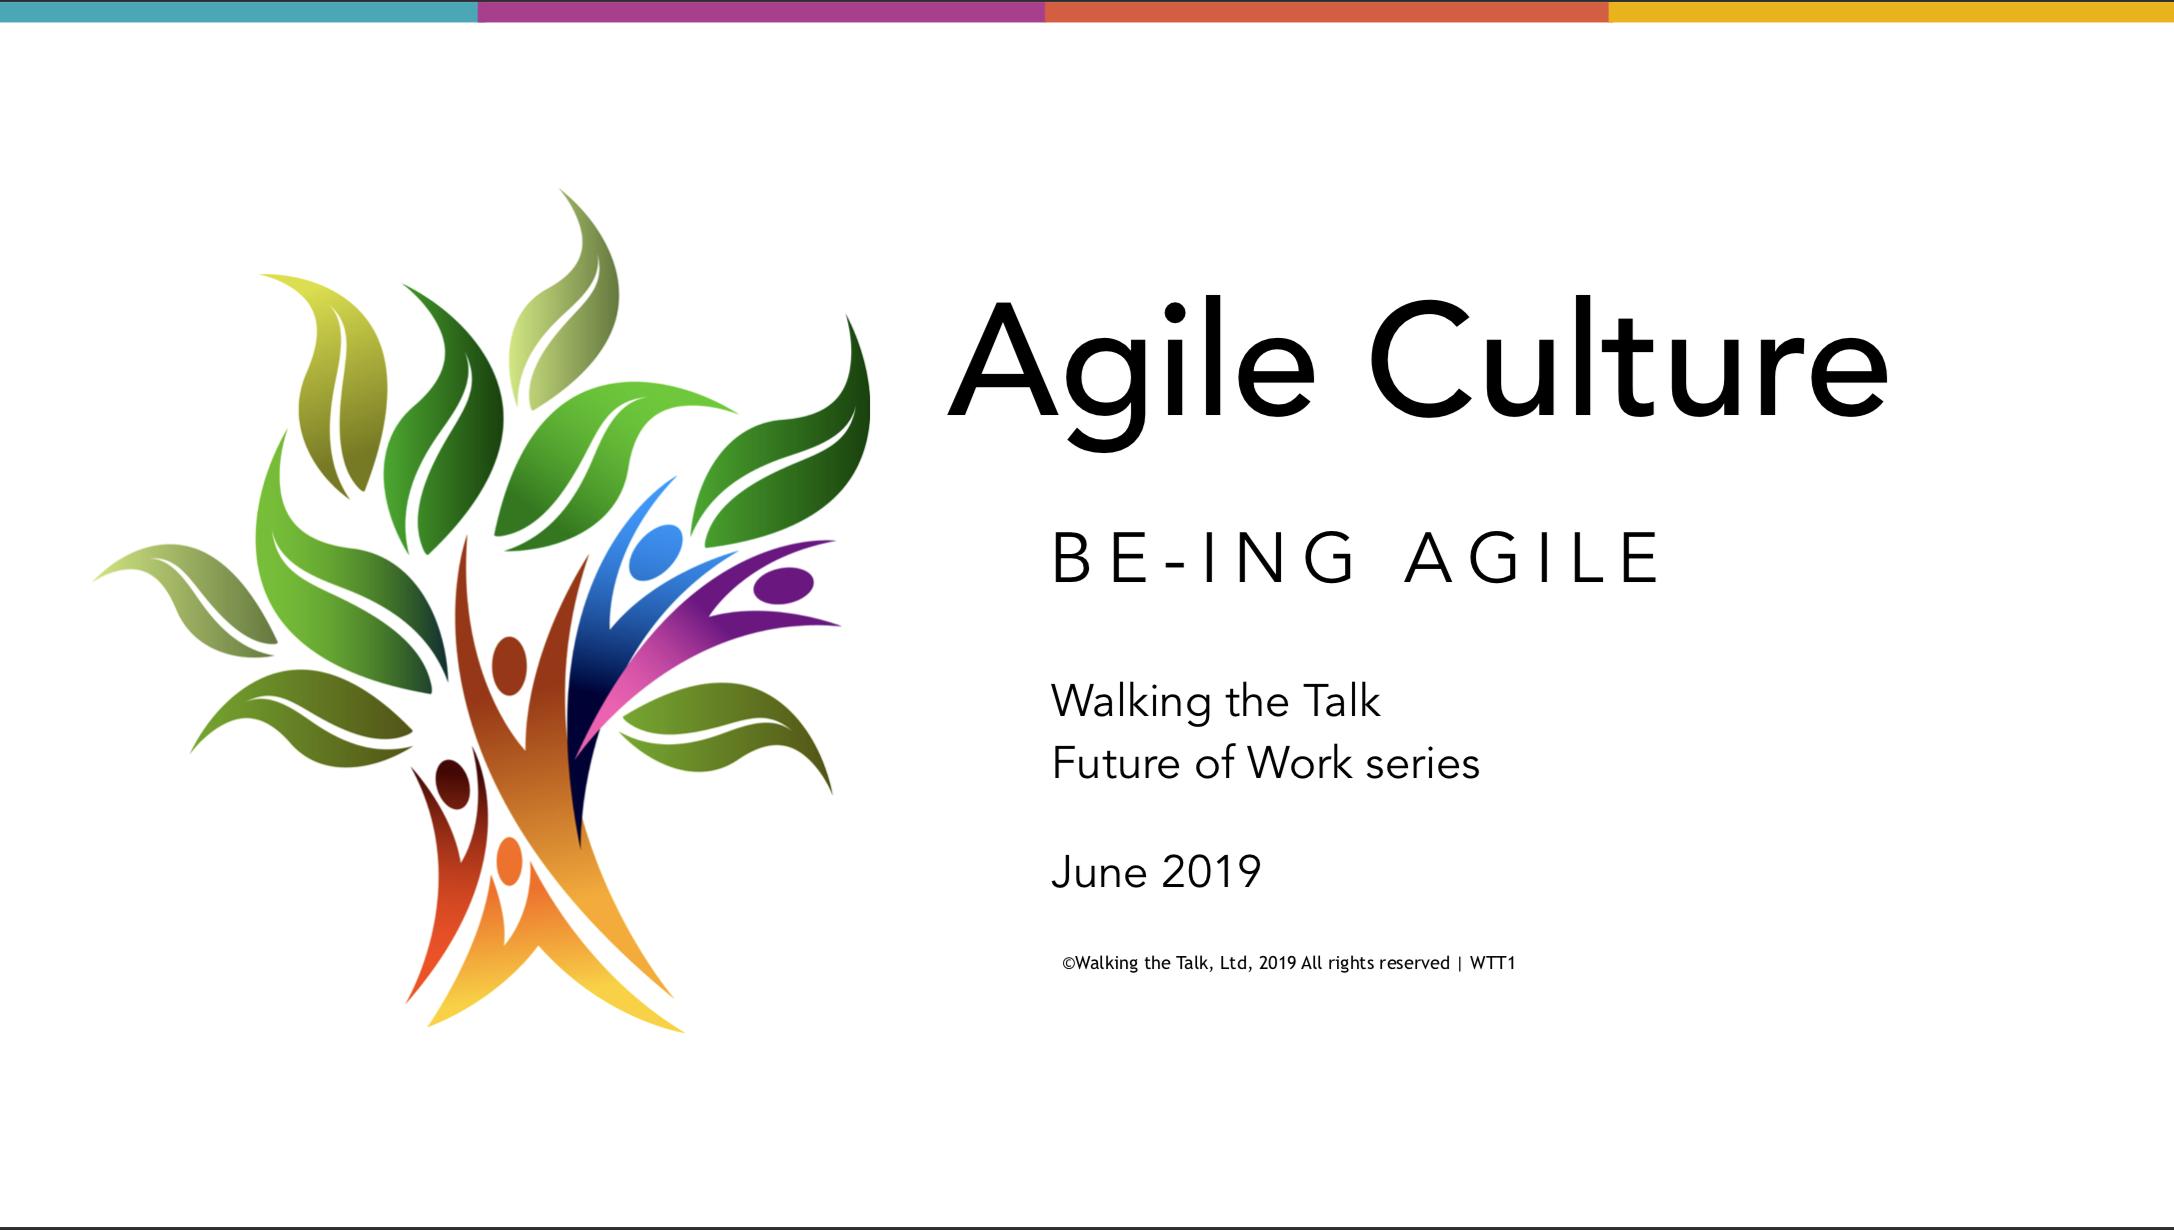 Walking the Talk - Be-ing Agile